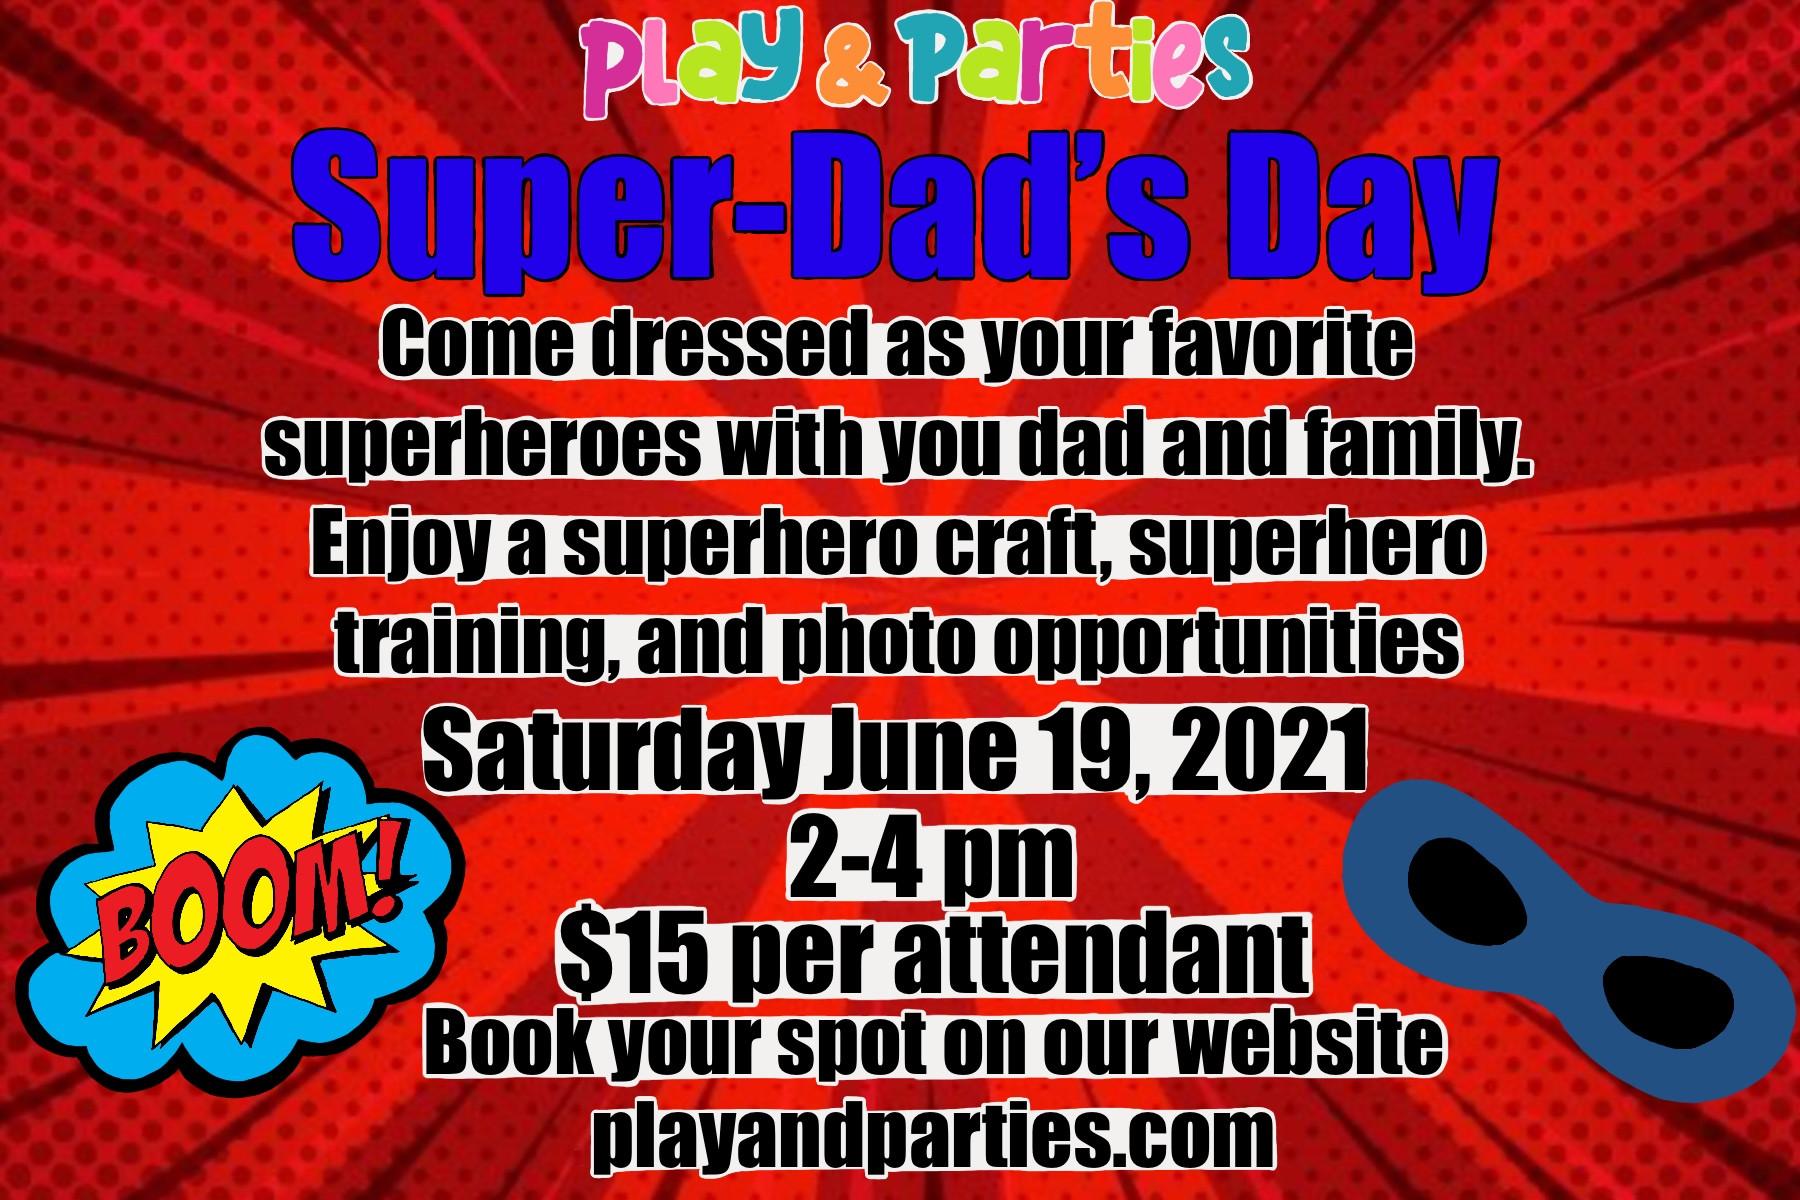 Super Dad's Day